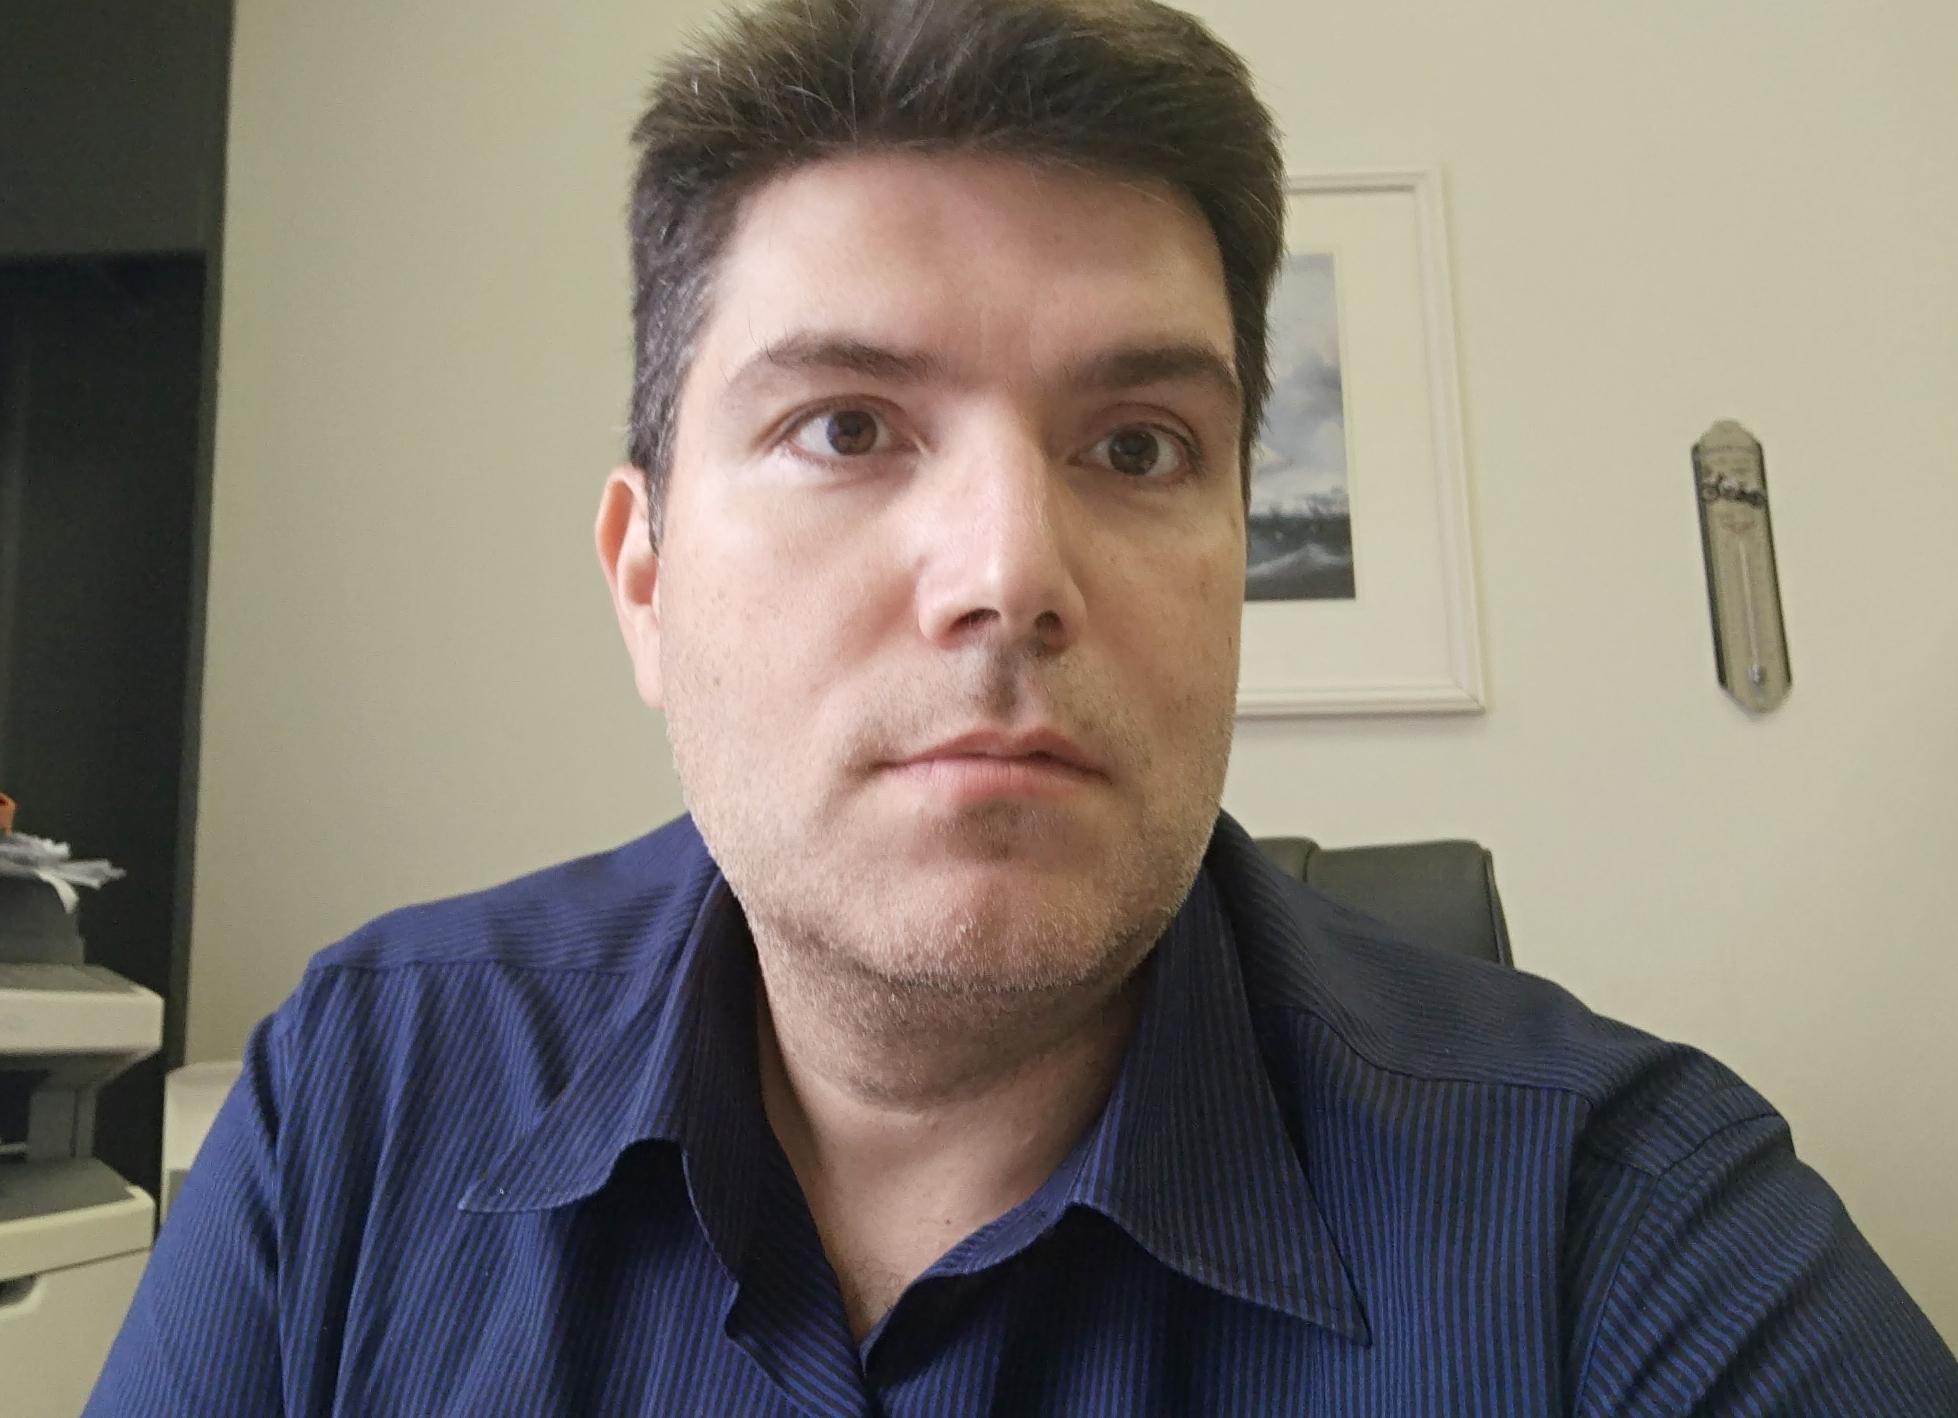 DimitrisVrakas